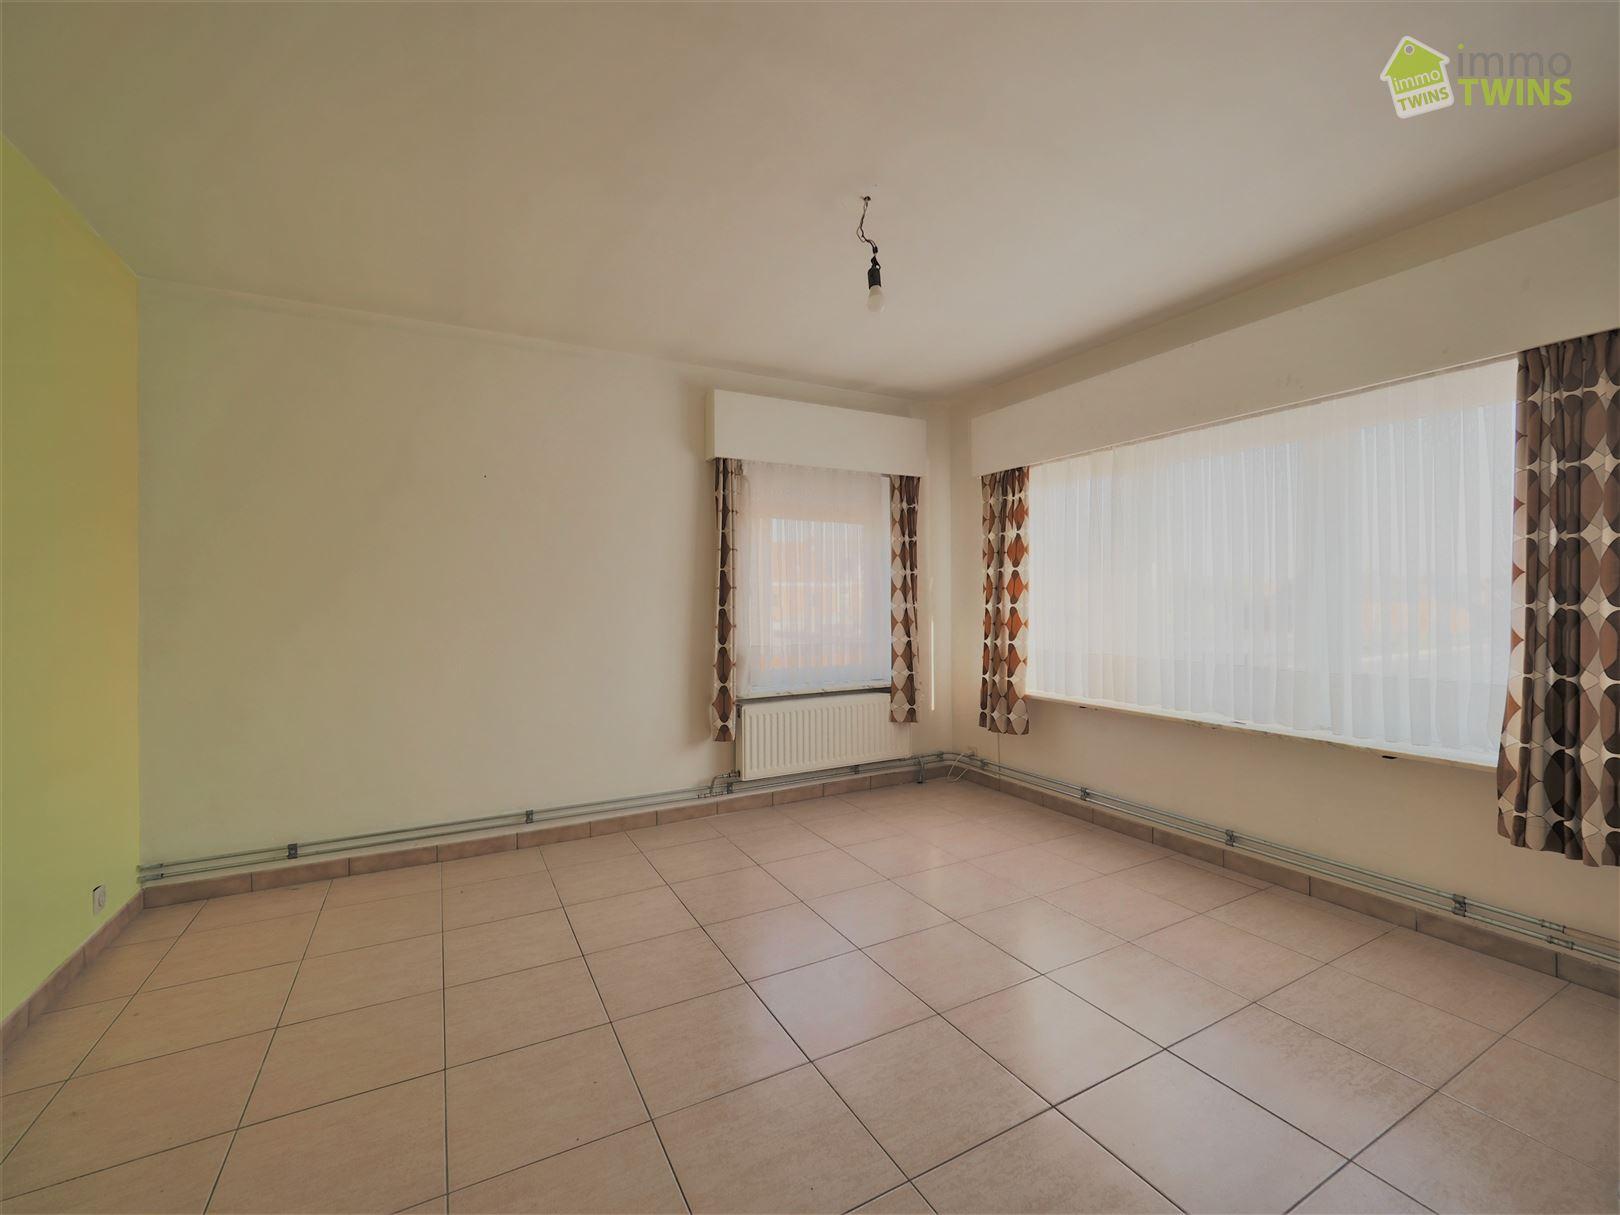 Foto 13 : Huis te 9200 SINT-GILLIS-DENDERMONDE (België) - Prijs € 259.000